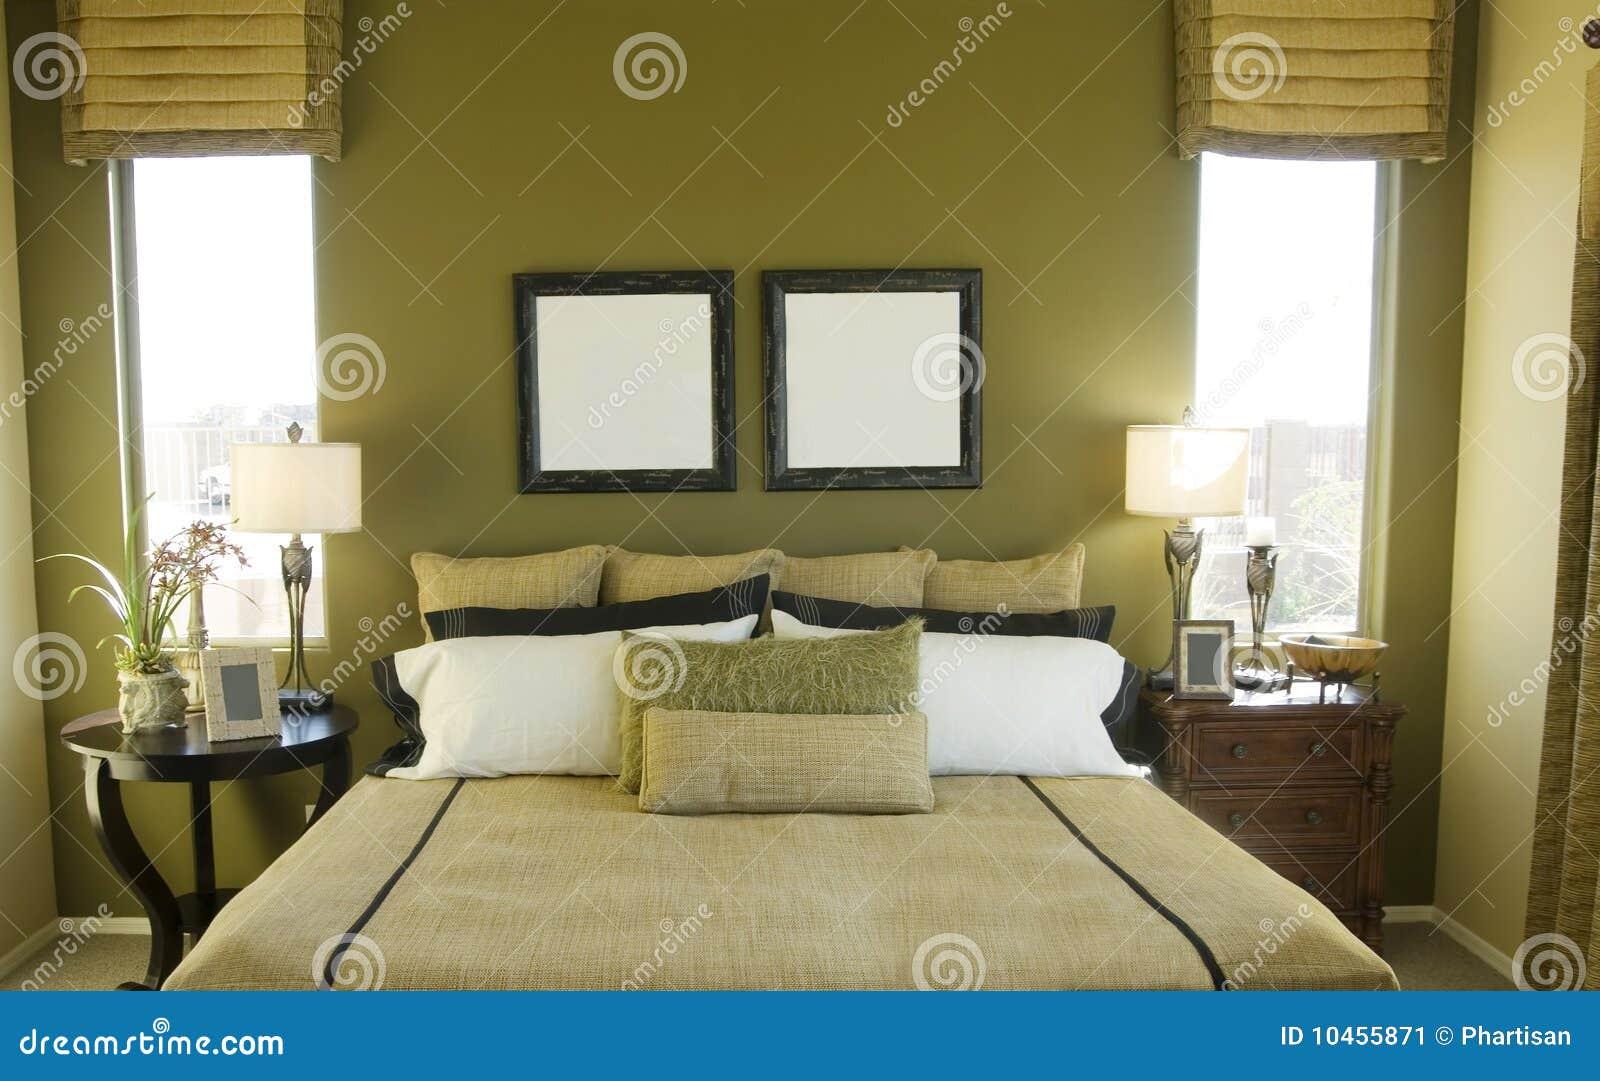 Dormitorio Verde Limpio Moderno Brillante Imagen de ...